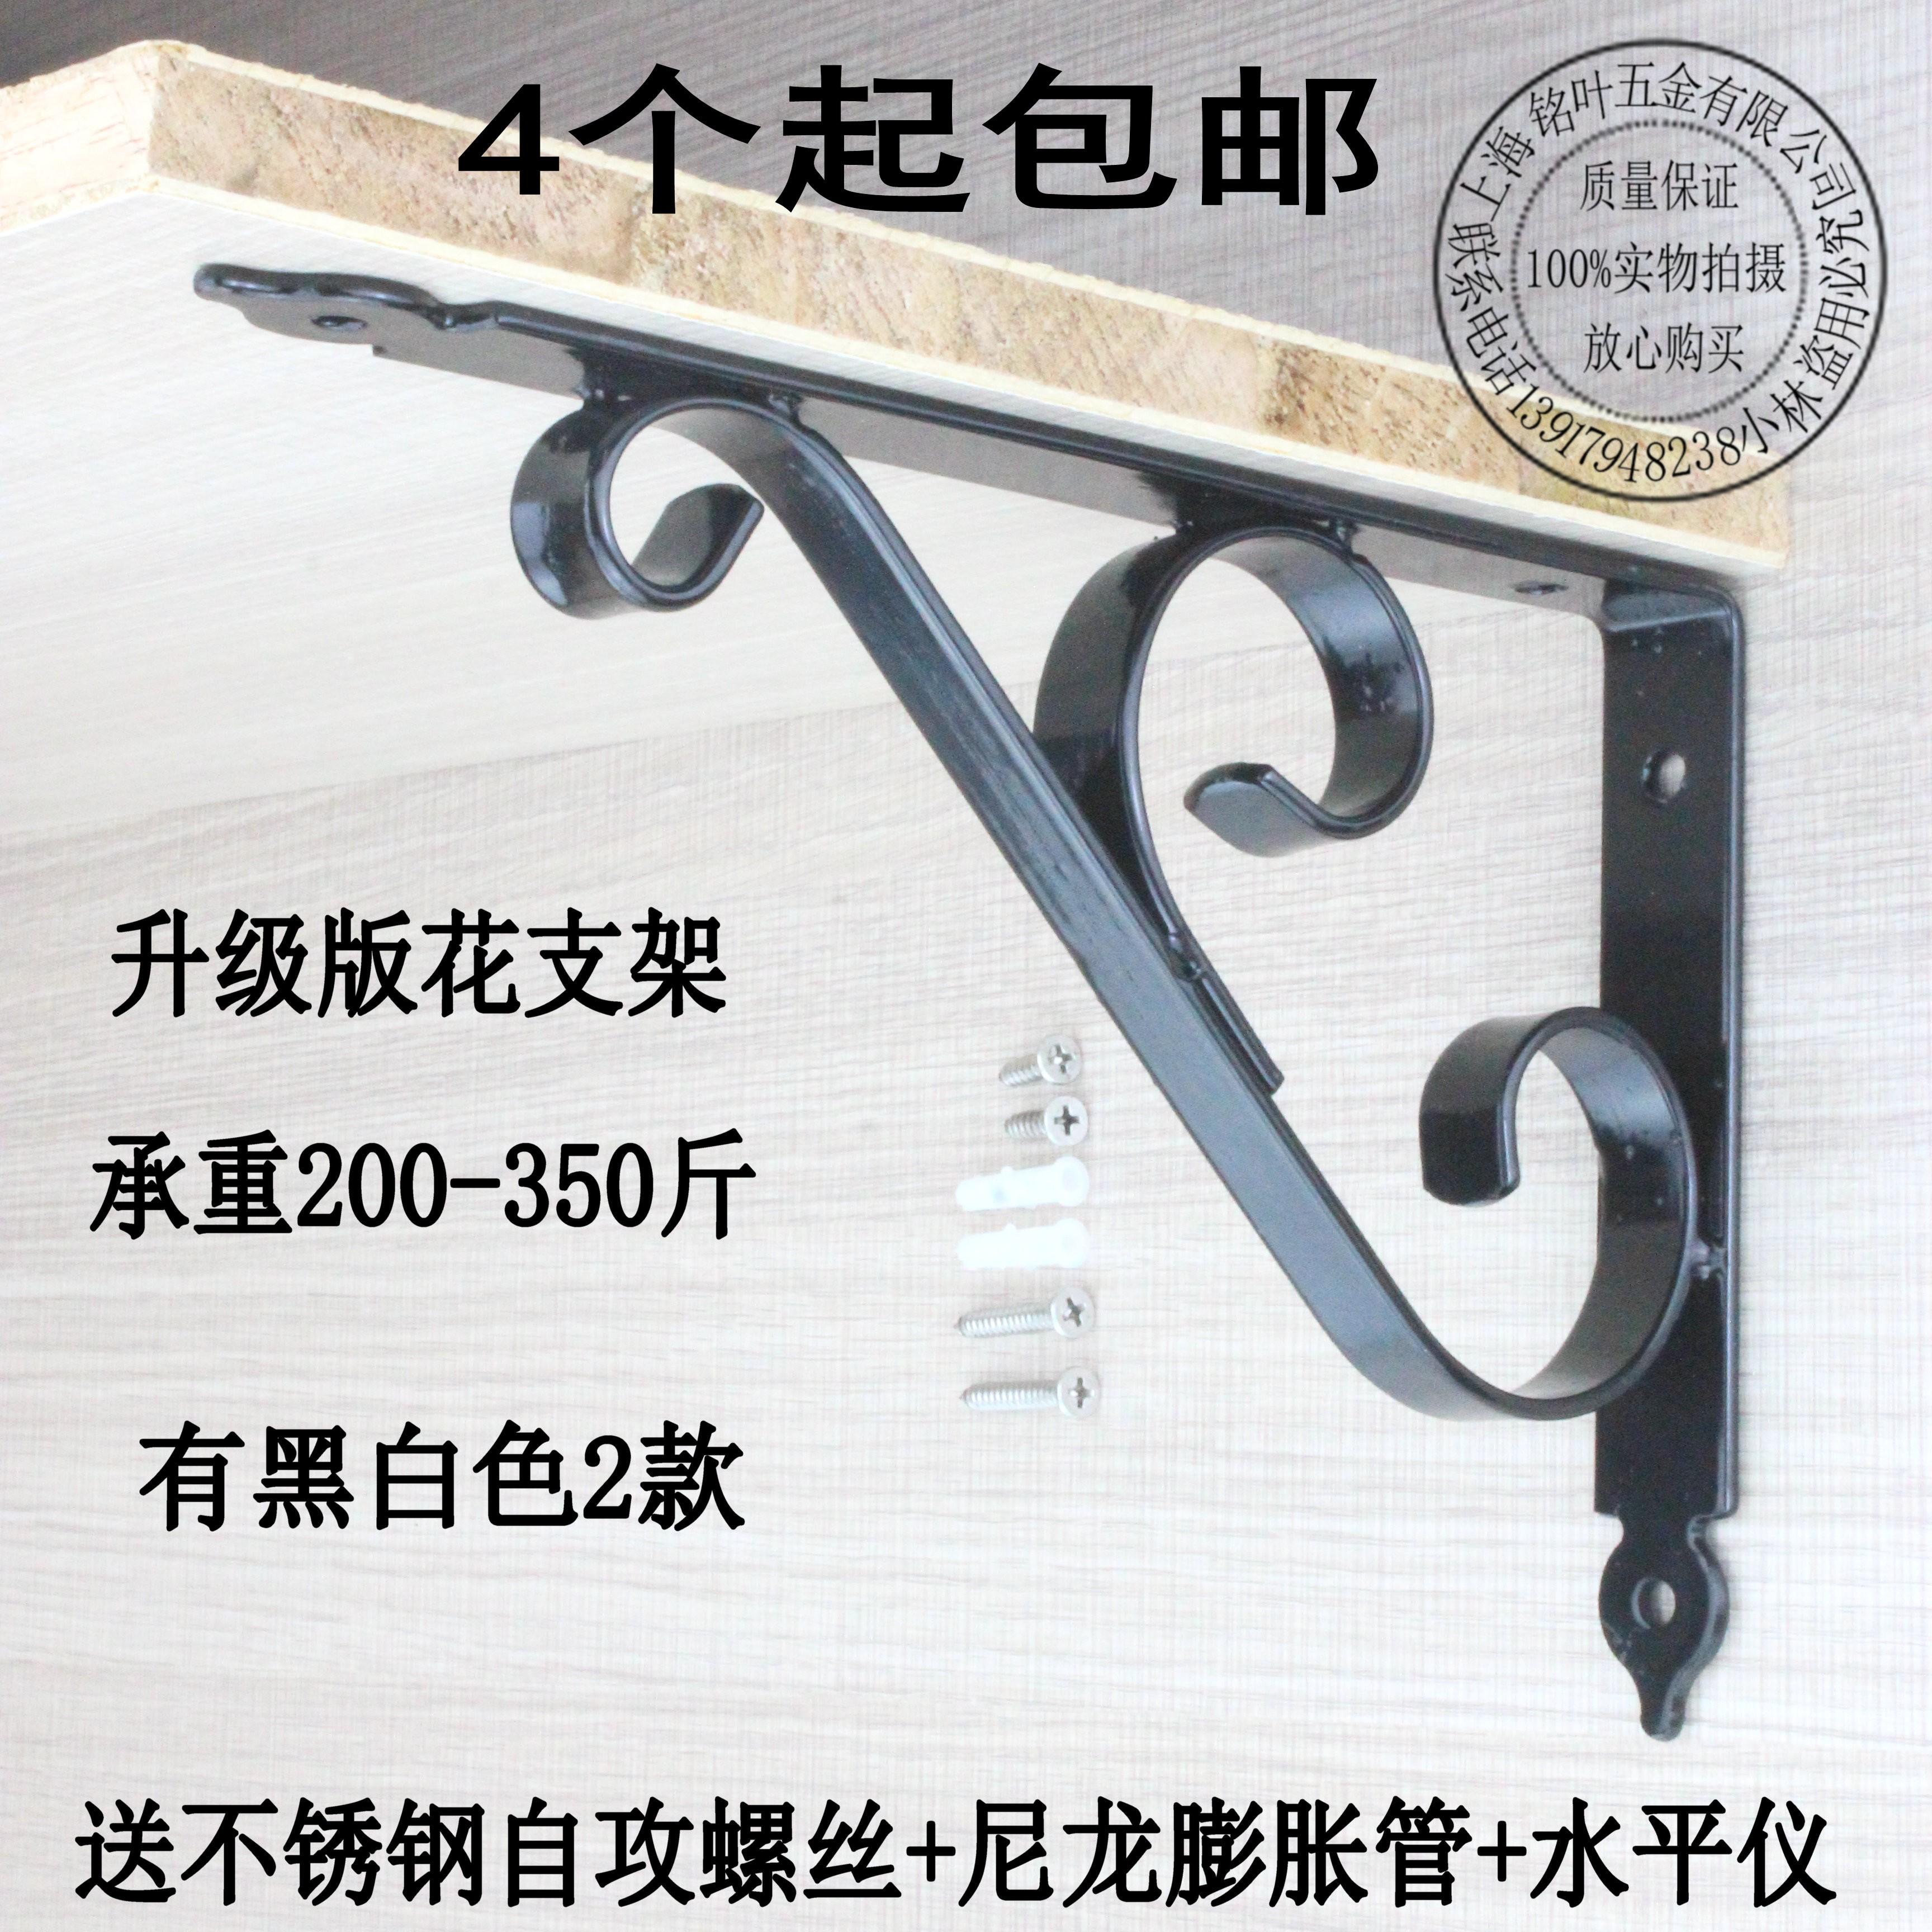 加厚三角支架托架铁艺书架层搁板隔板固定支撑墙上置物架大理石架